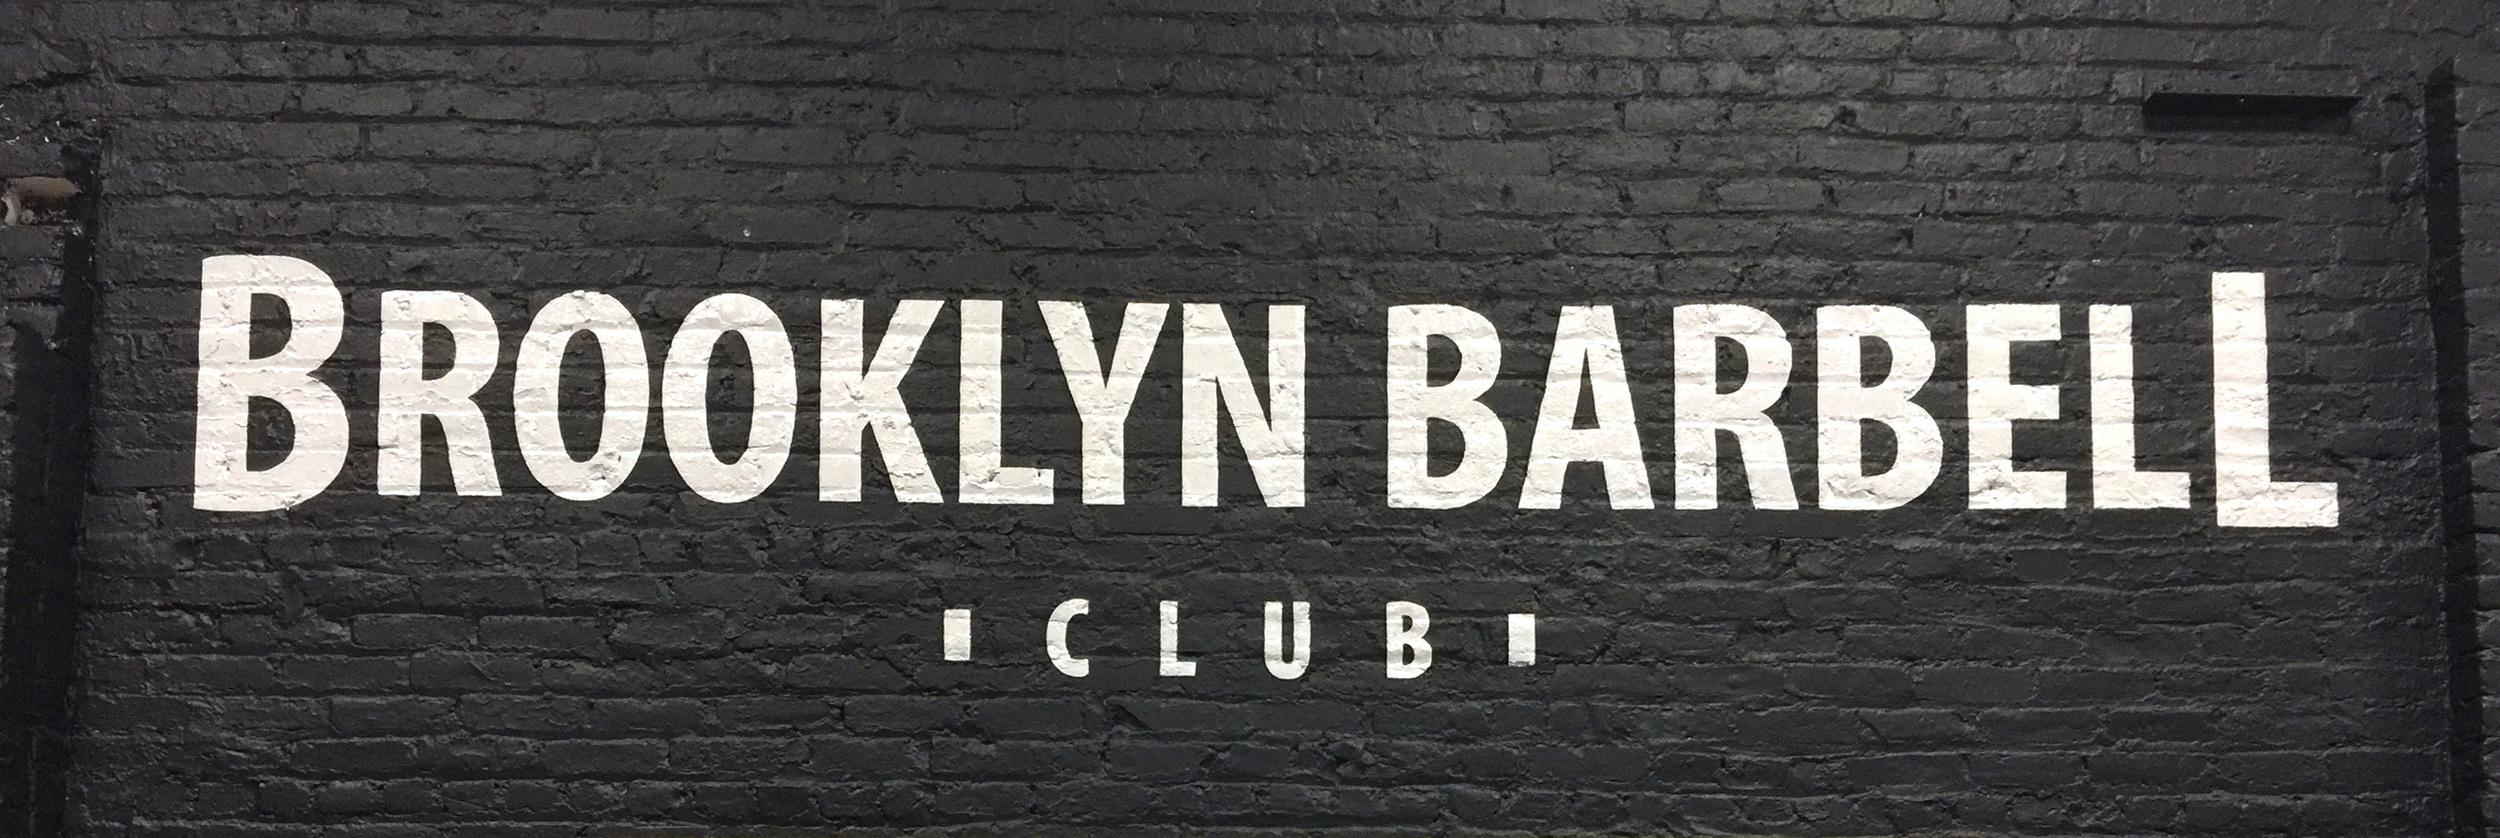 Sign on a brickinterior wall in Williamsburg, Brooklyn for  Brooklyn Barbell Club .